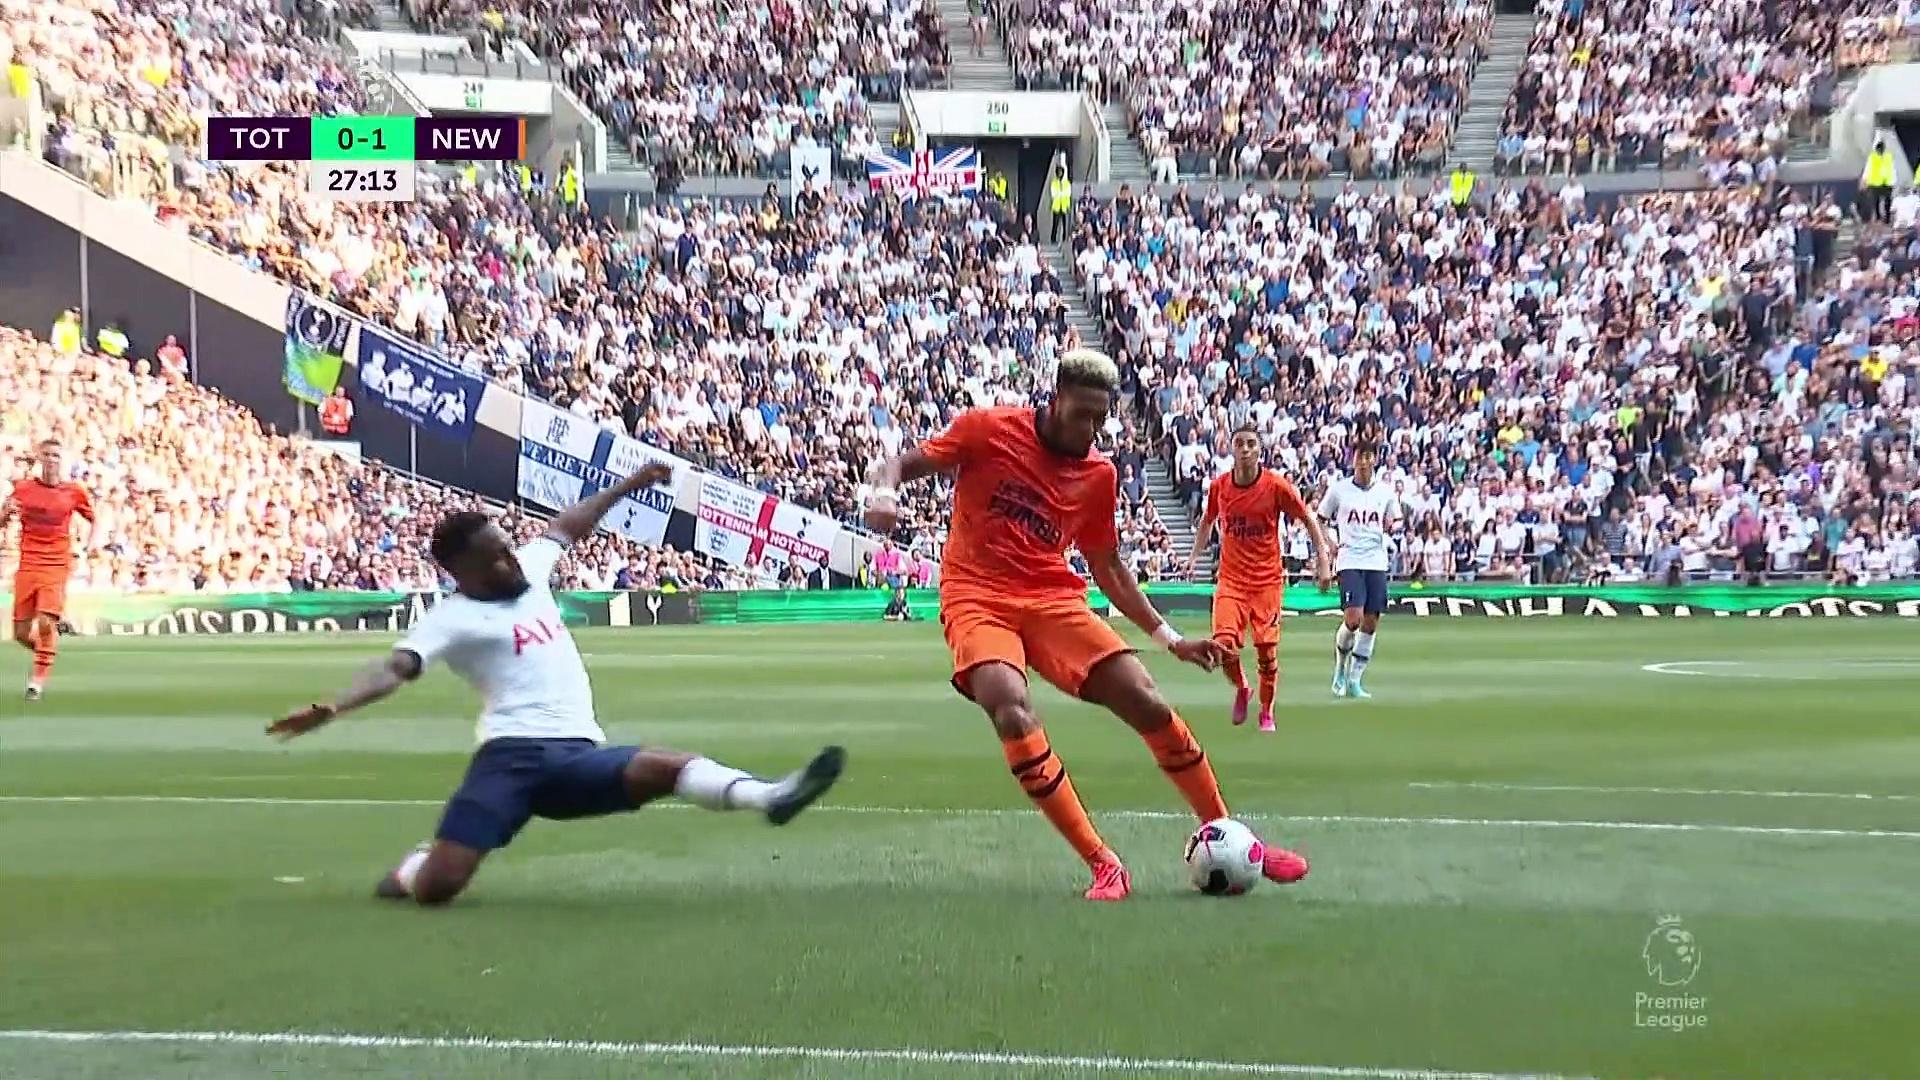 3. Hafta / Tottenham - Newcastle United : 0-1 (Özet)